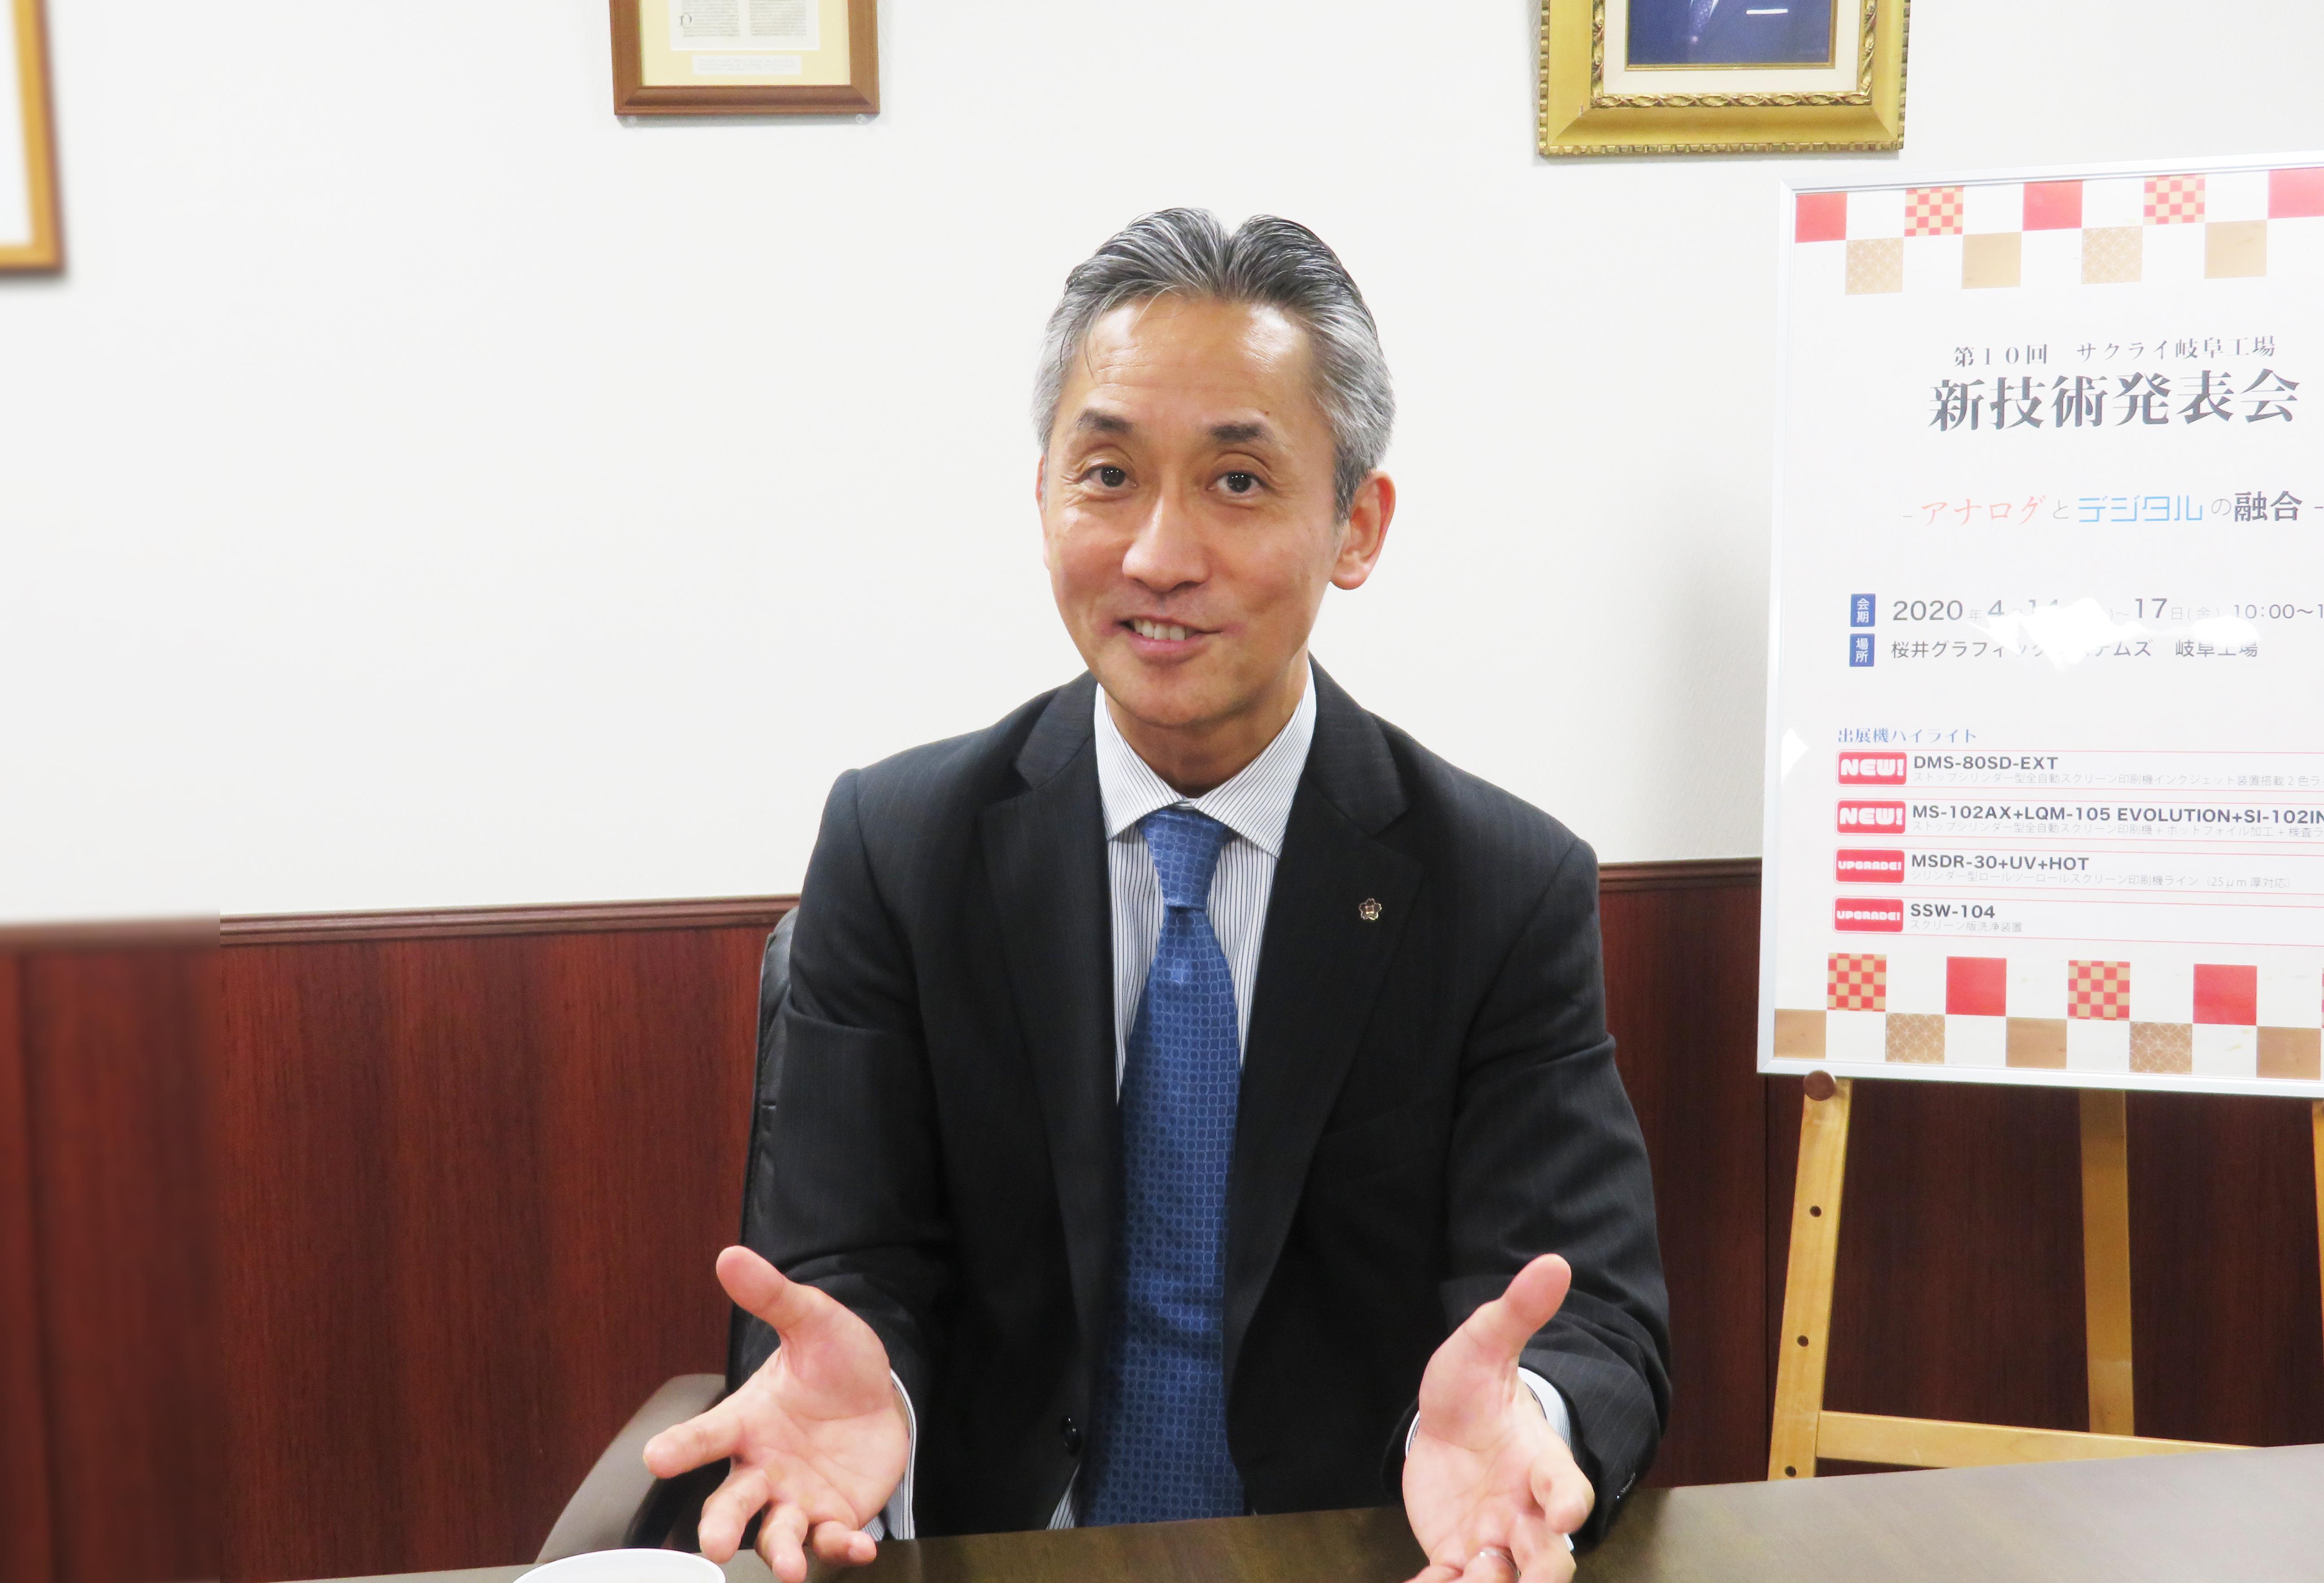 桜井GS_桜井社長